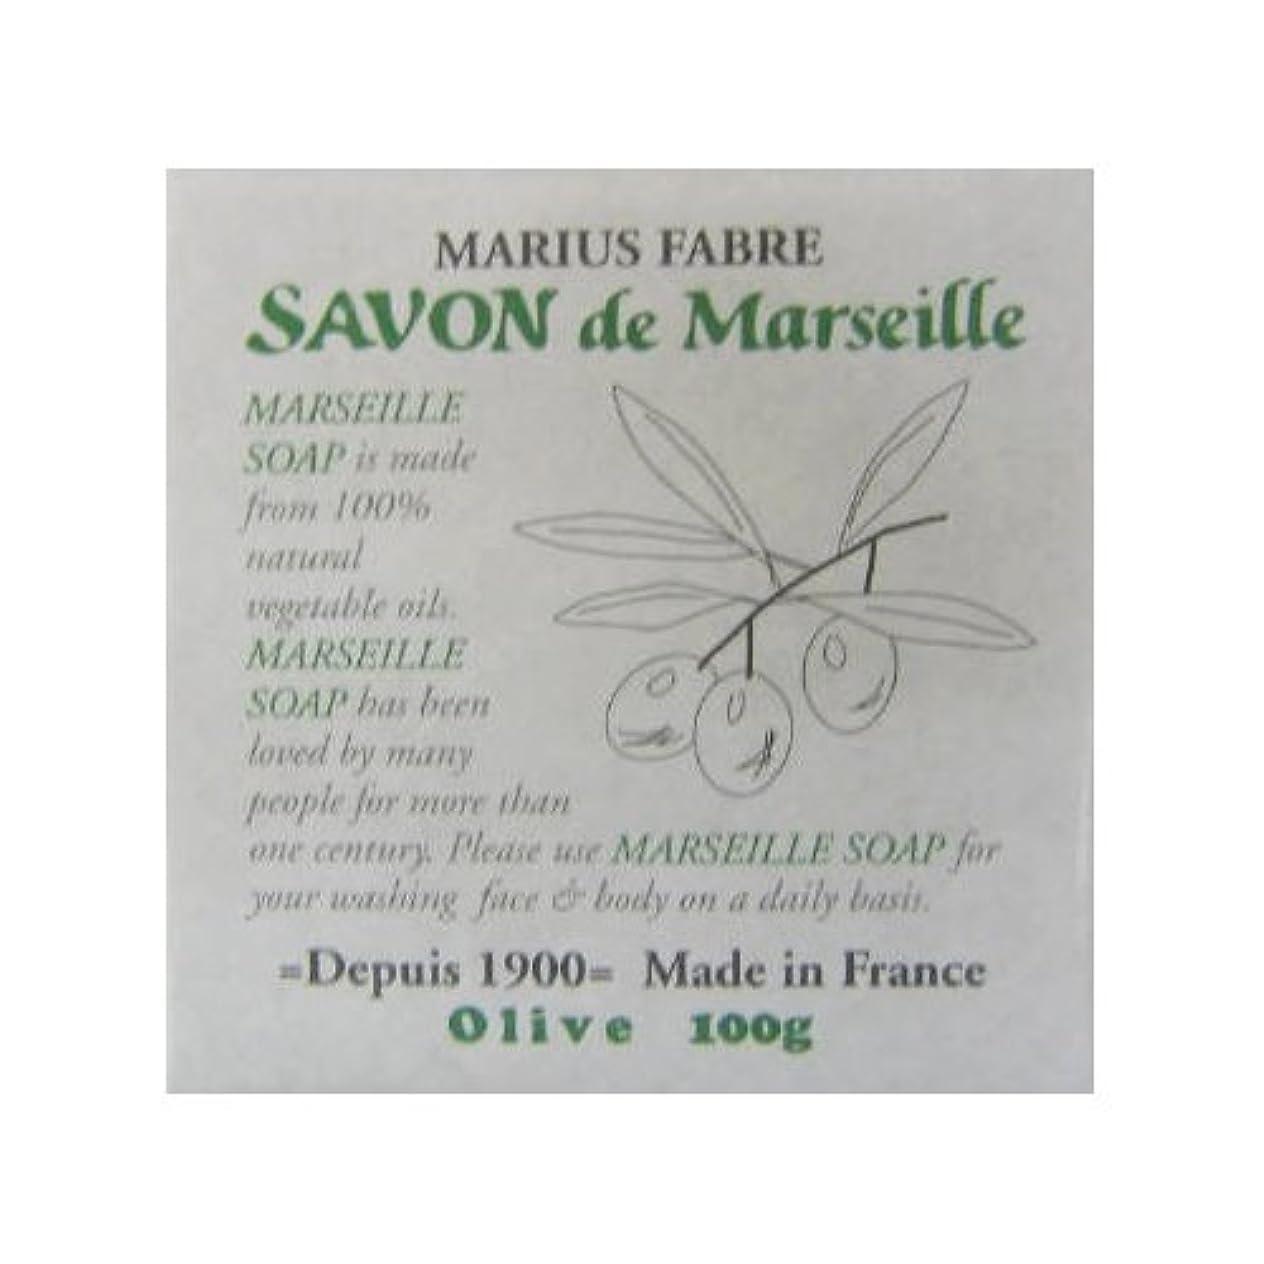 アクチュエータ毛皮かんがいサボン ド マルセイユ オリーブ 100g